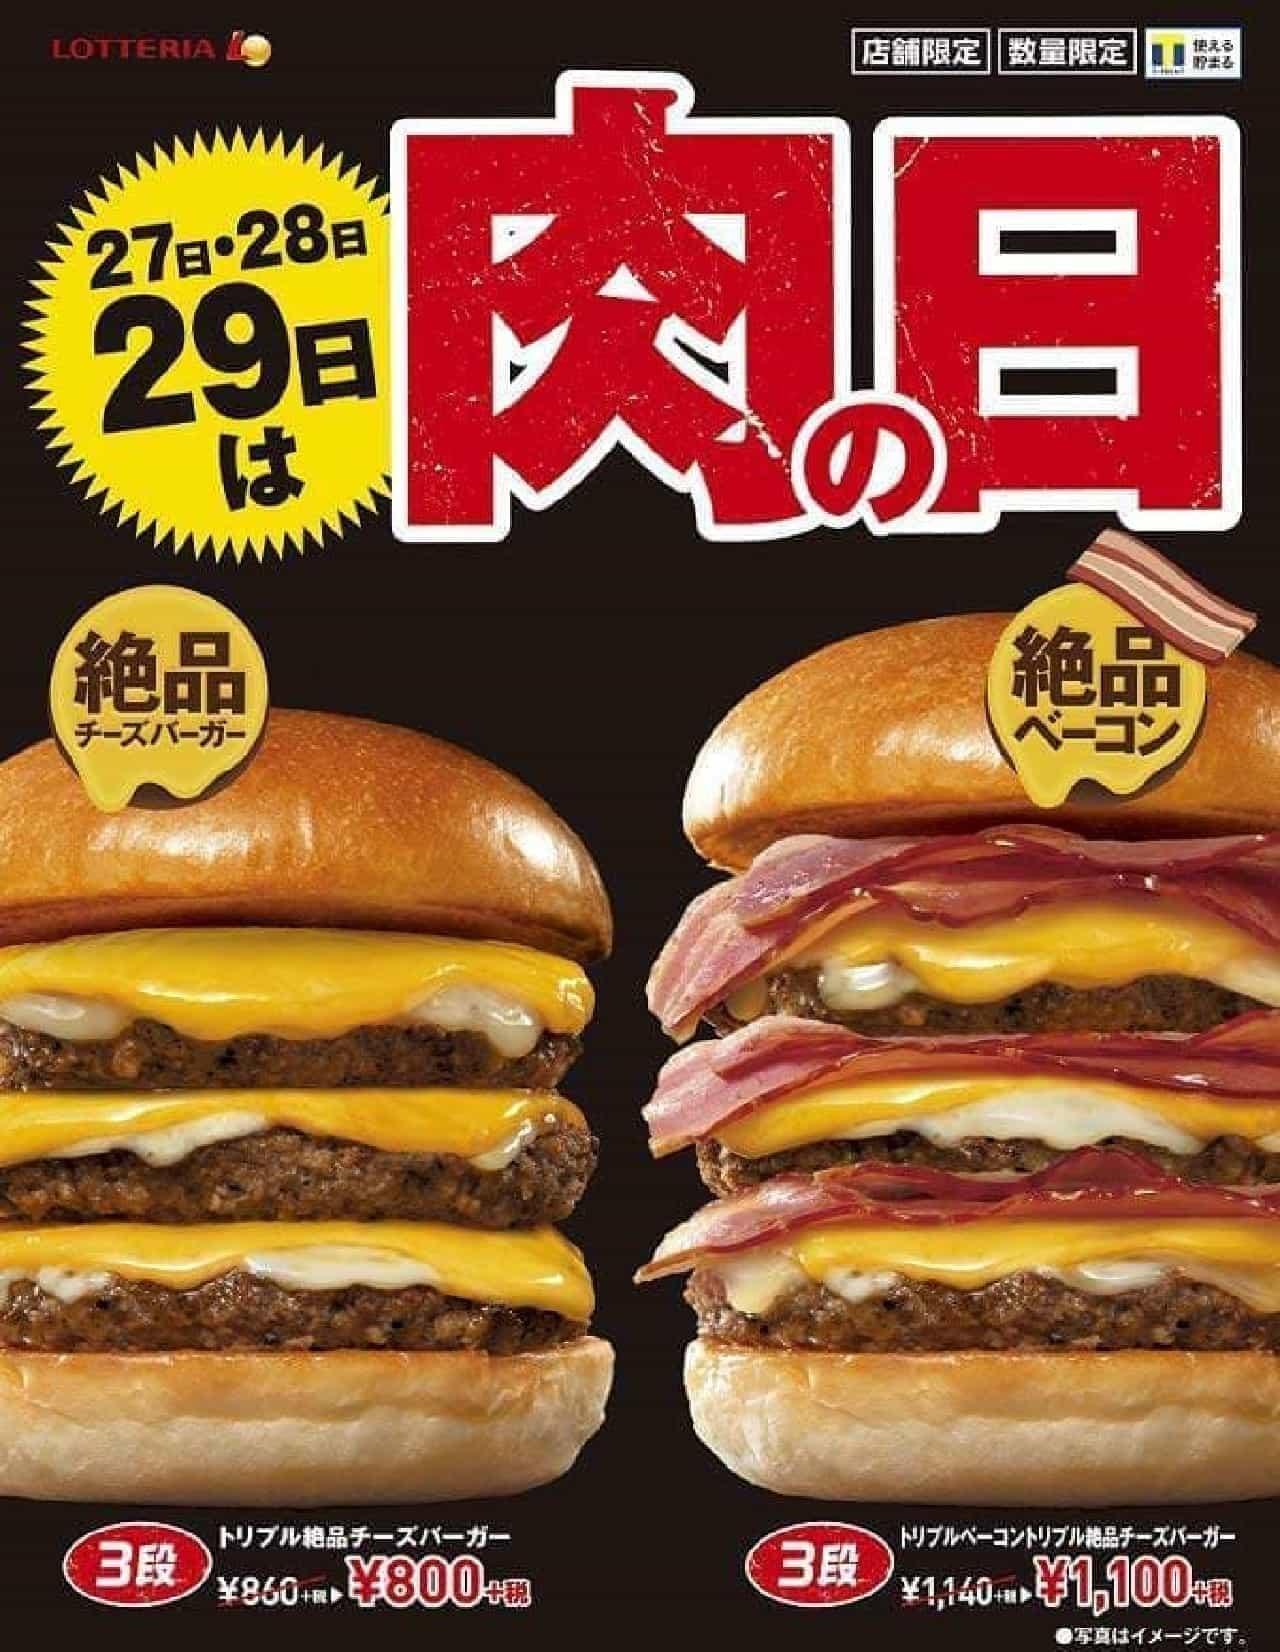 11月の「ロッテリア 29肉(ニク)の日」